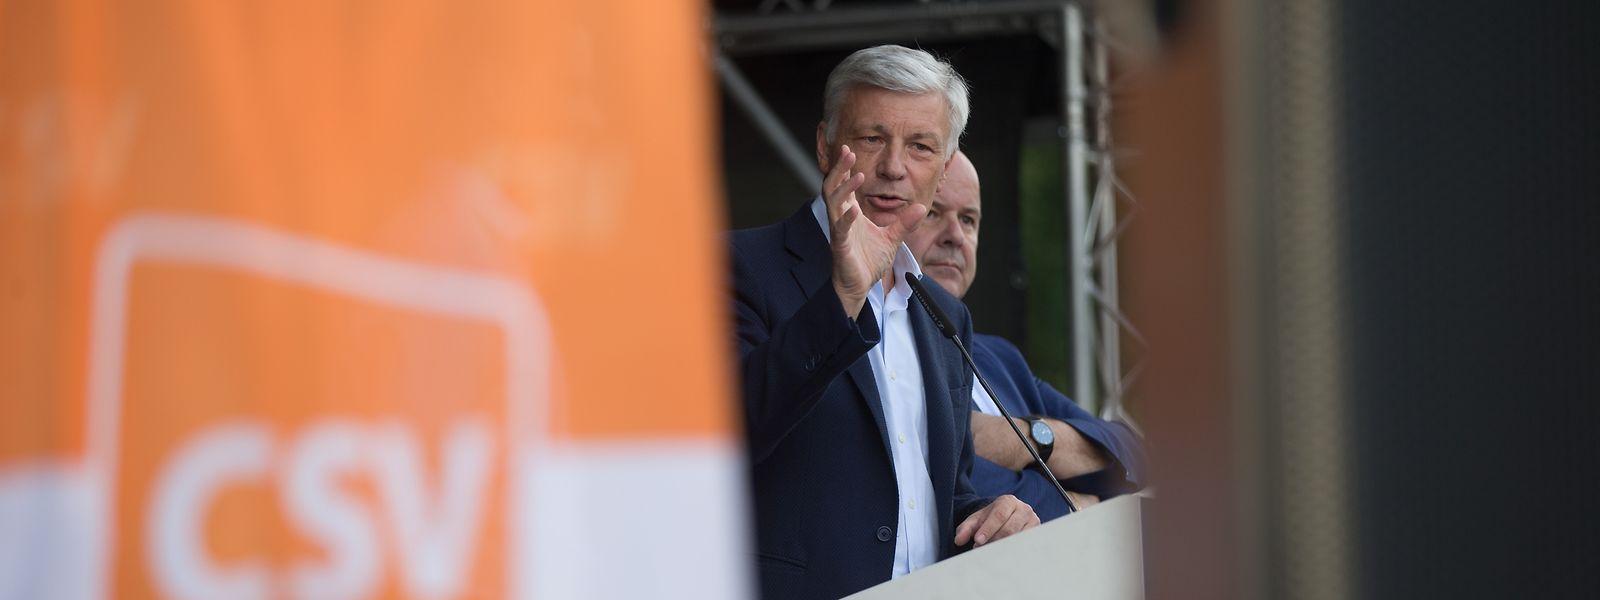 Beim Parteikonvent in Ettelbrück wird die CSV-Führung den Schleier lüften und die Namen sämtlicher Kandidaten bekannt geben. elbrück werde